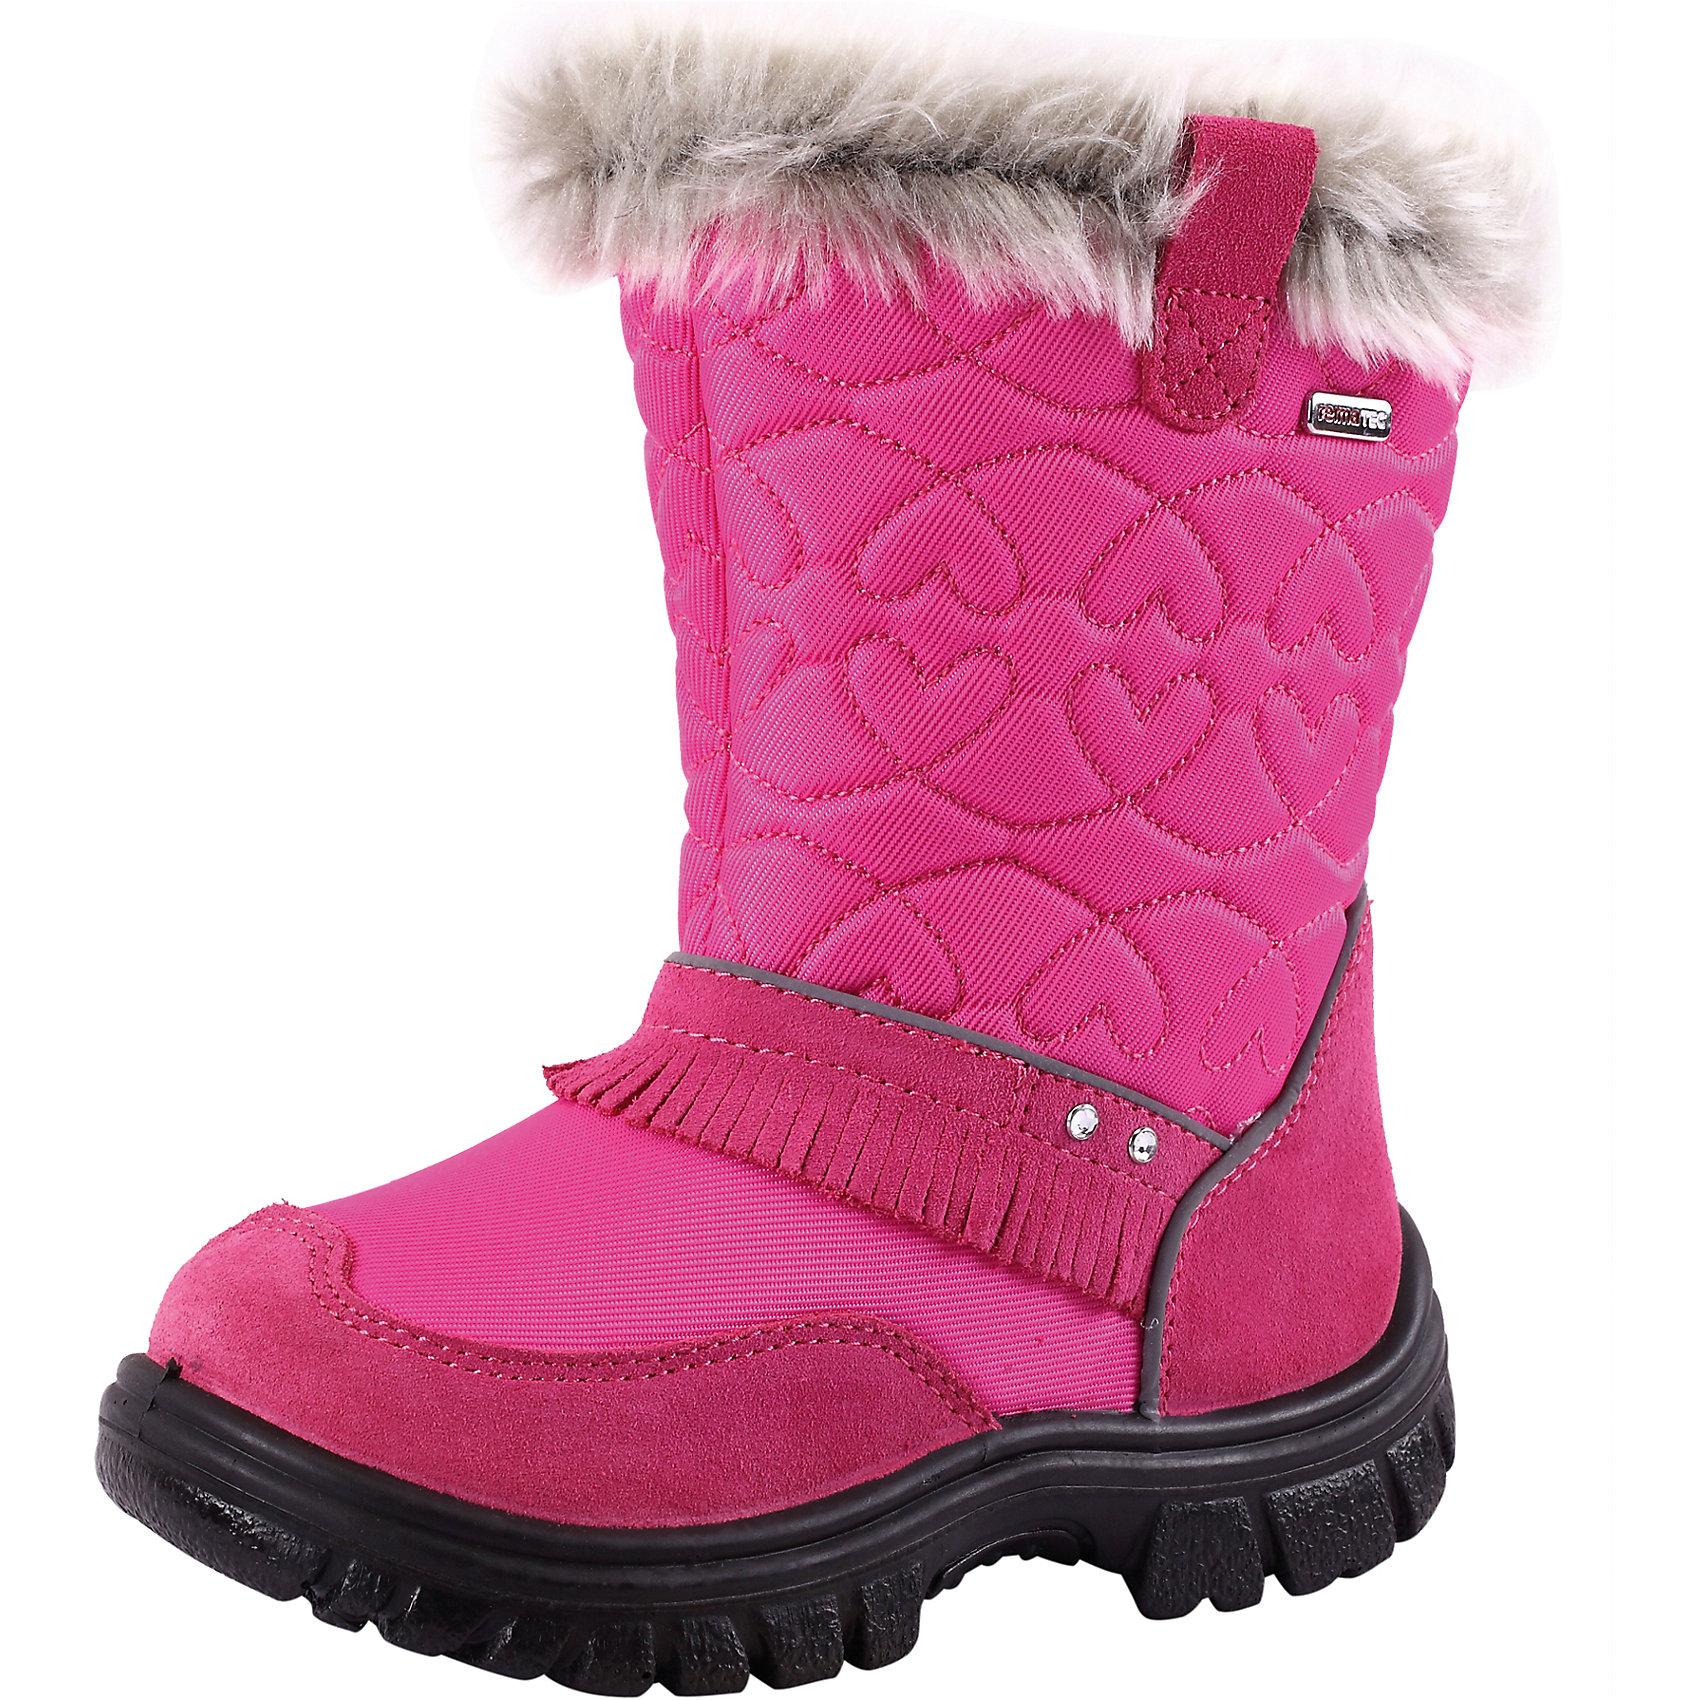 Ботинки для девочки Reimatec® ReimaОбувь<br>Ботинки Reimatec (Рейматек) для девочки от популярной финской марки Reima.<br>Состав:<br>Подошва: ПУ, Верх: 75% ПА 25% Кожа<br><br>Особенности:<br>мягкие и удобные зимние ботинки Reimatec (Рейматек) для маленьких принцесс<br>ботинки украшены декоративными стразами с бахромой<br>верх выполнен из натуральной замши и текстиля<br>водонепроницаемые ботинки с подкладкой из искусственного меха сохраняют ноги в тепле и сухости<br>подошва из полиуретана обеспечивает хорошую термоизоляцию<br>съемные стельки помогают подобрать правильный размер<br>светоотражающие детали<br><br>Дополнительная информация:<br><br>Температурный режим: до -20<br><br>Ботинки для девочки Reimatec (Рейматек) Reima (Рейма) можно купить в нашем магазине.<br><br>Ширина мм: 257<br>Глубина мм: 180<br>Высота мм: 130<br>Вес г: 420<br>Цвет: розовый<br>Возраст от месяцев: 24<br>Возраст до месяцев: 24<br>Пол: Женский<br>Возраст: Детский<br>Размер: 25,34,30,27,26,28,31,24,33,32<br>SKU: 3925348